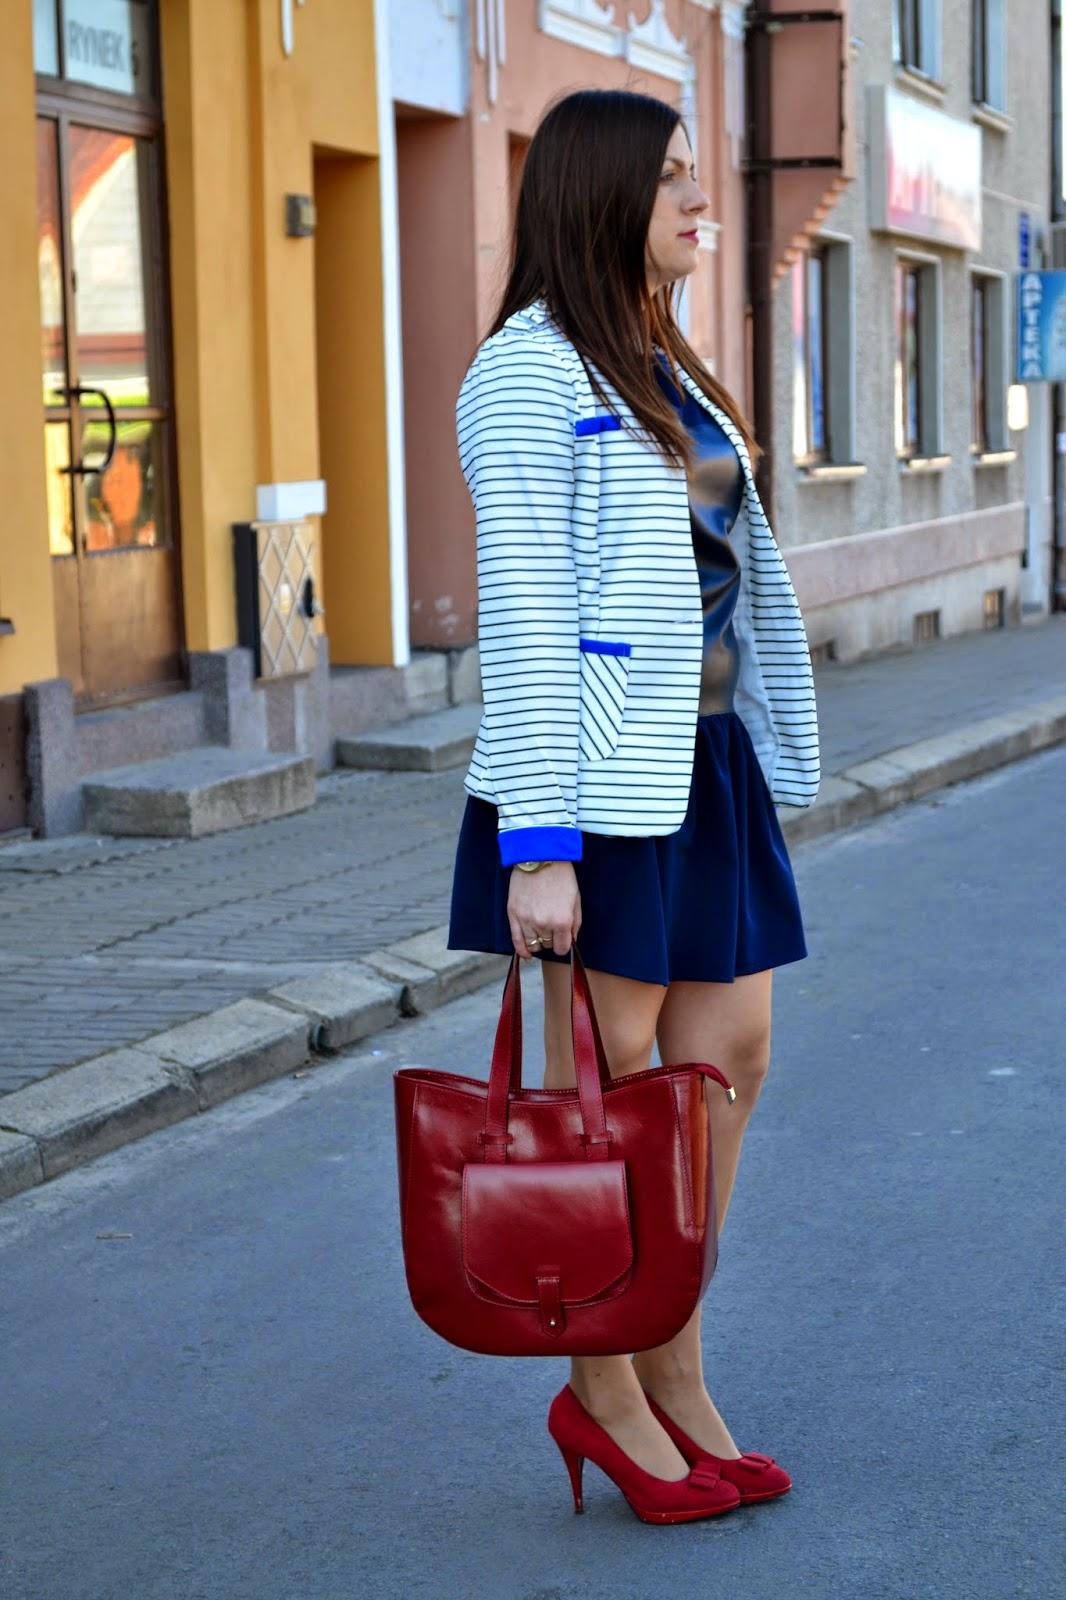 skórzana torebka, shopper bag, czerwona torebka, czerwone szpilki, żakiet w paski, amrynarski styl